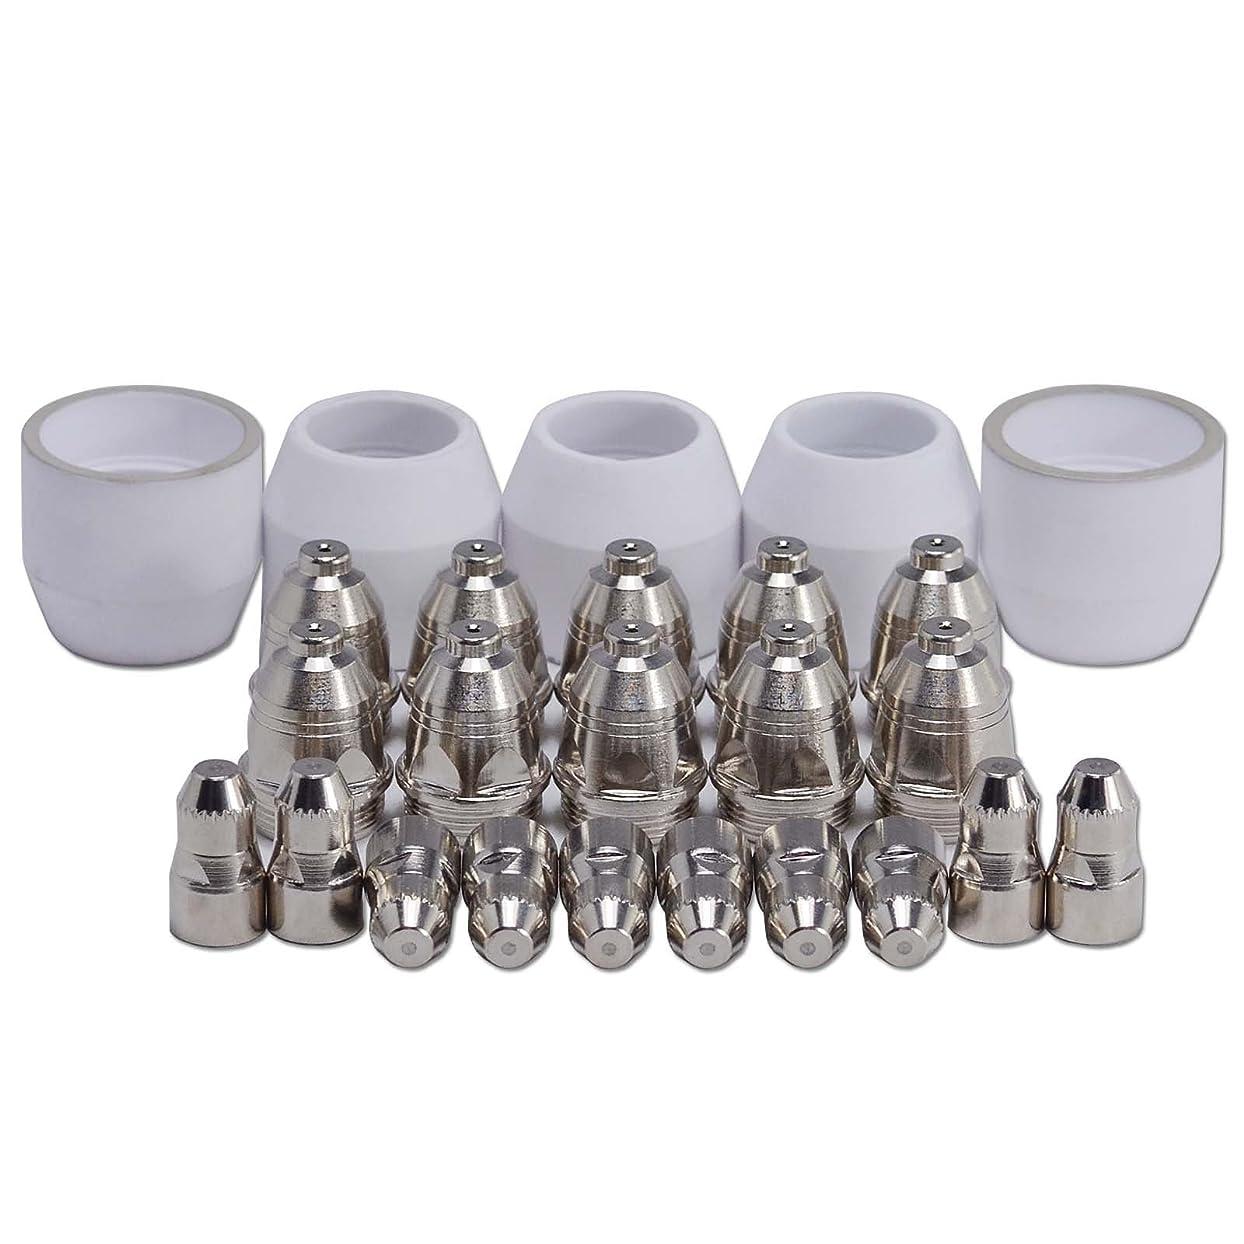 屋内合意レビュアープラズマカッター ノズル 1.5mm 100A & 電極 & シールドカップ エアープラズマカッター切断トーチ消耗品 P-80に適合 25個